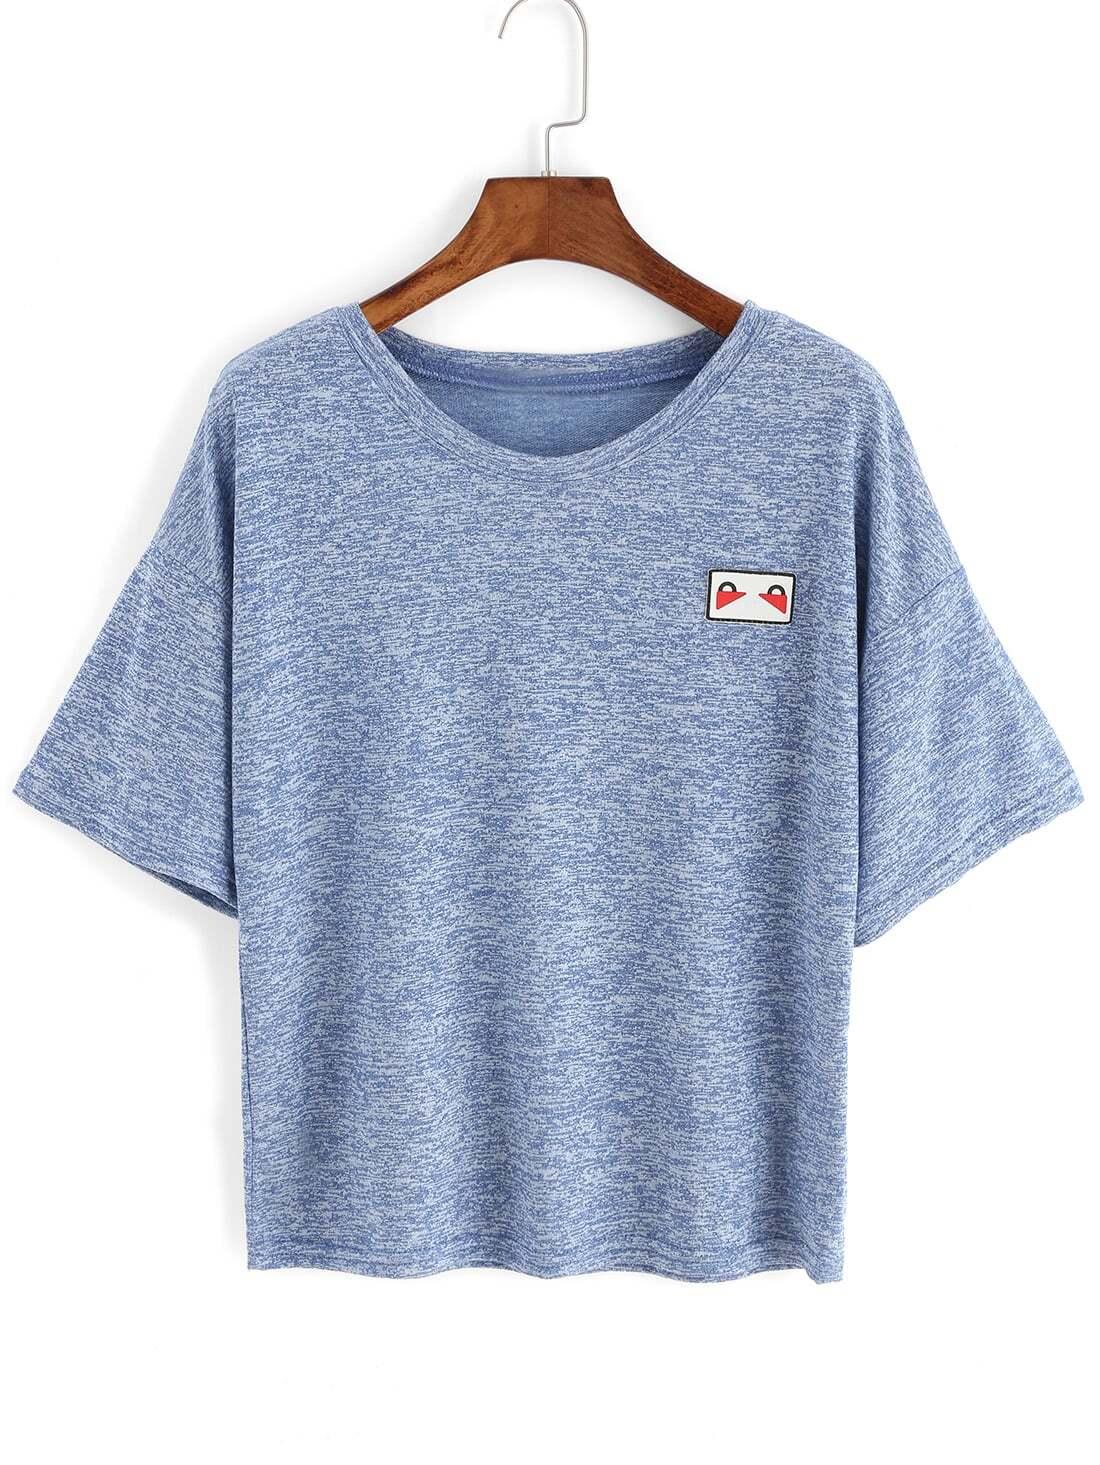 Patch Blue T Shirt